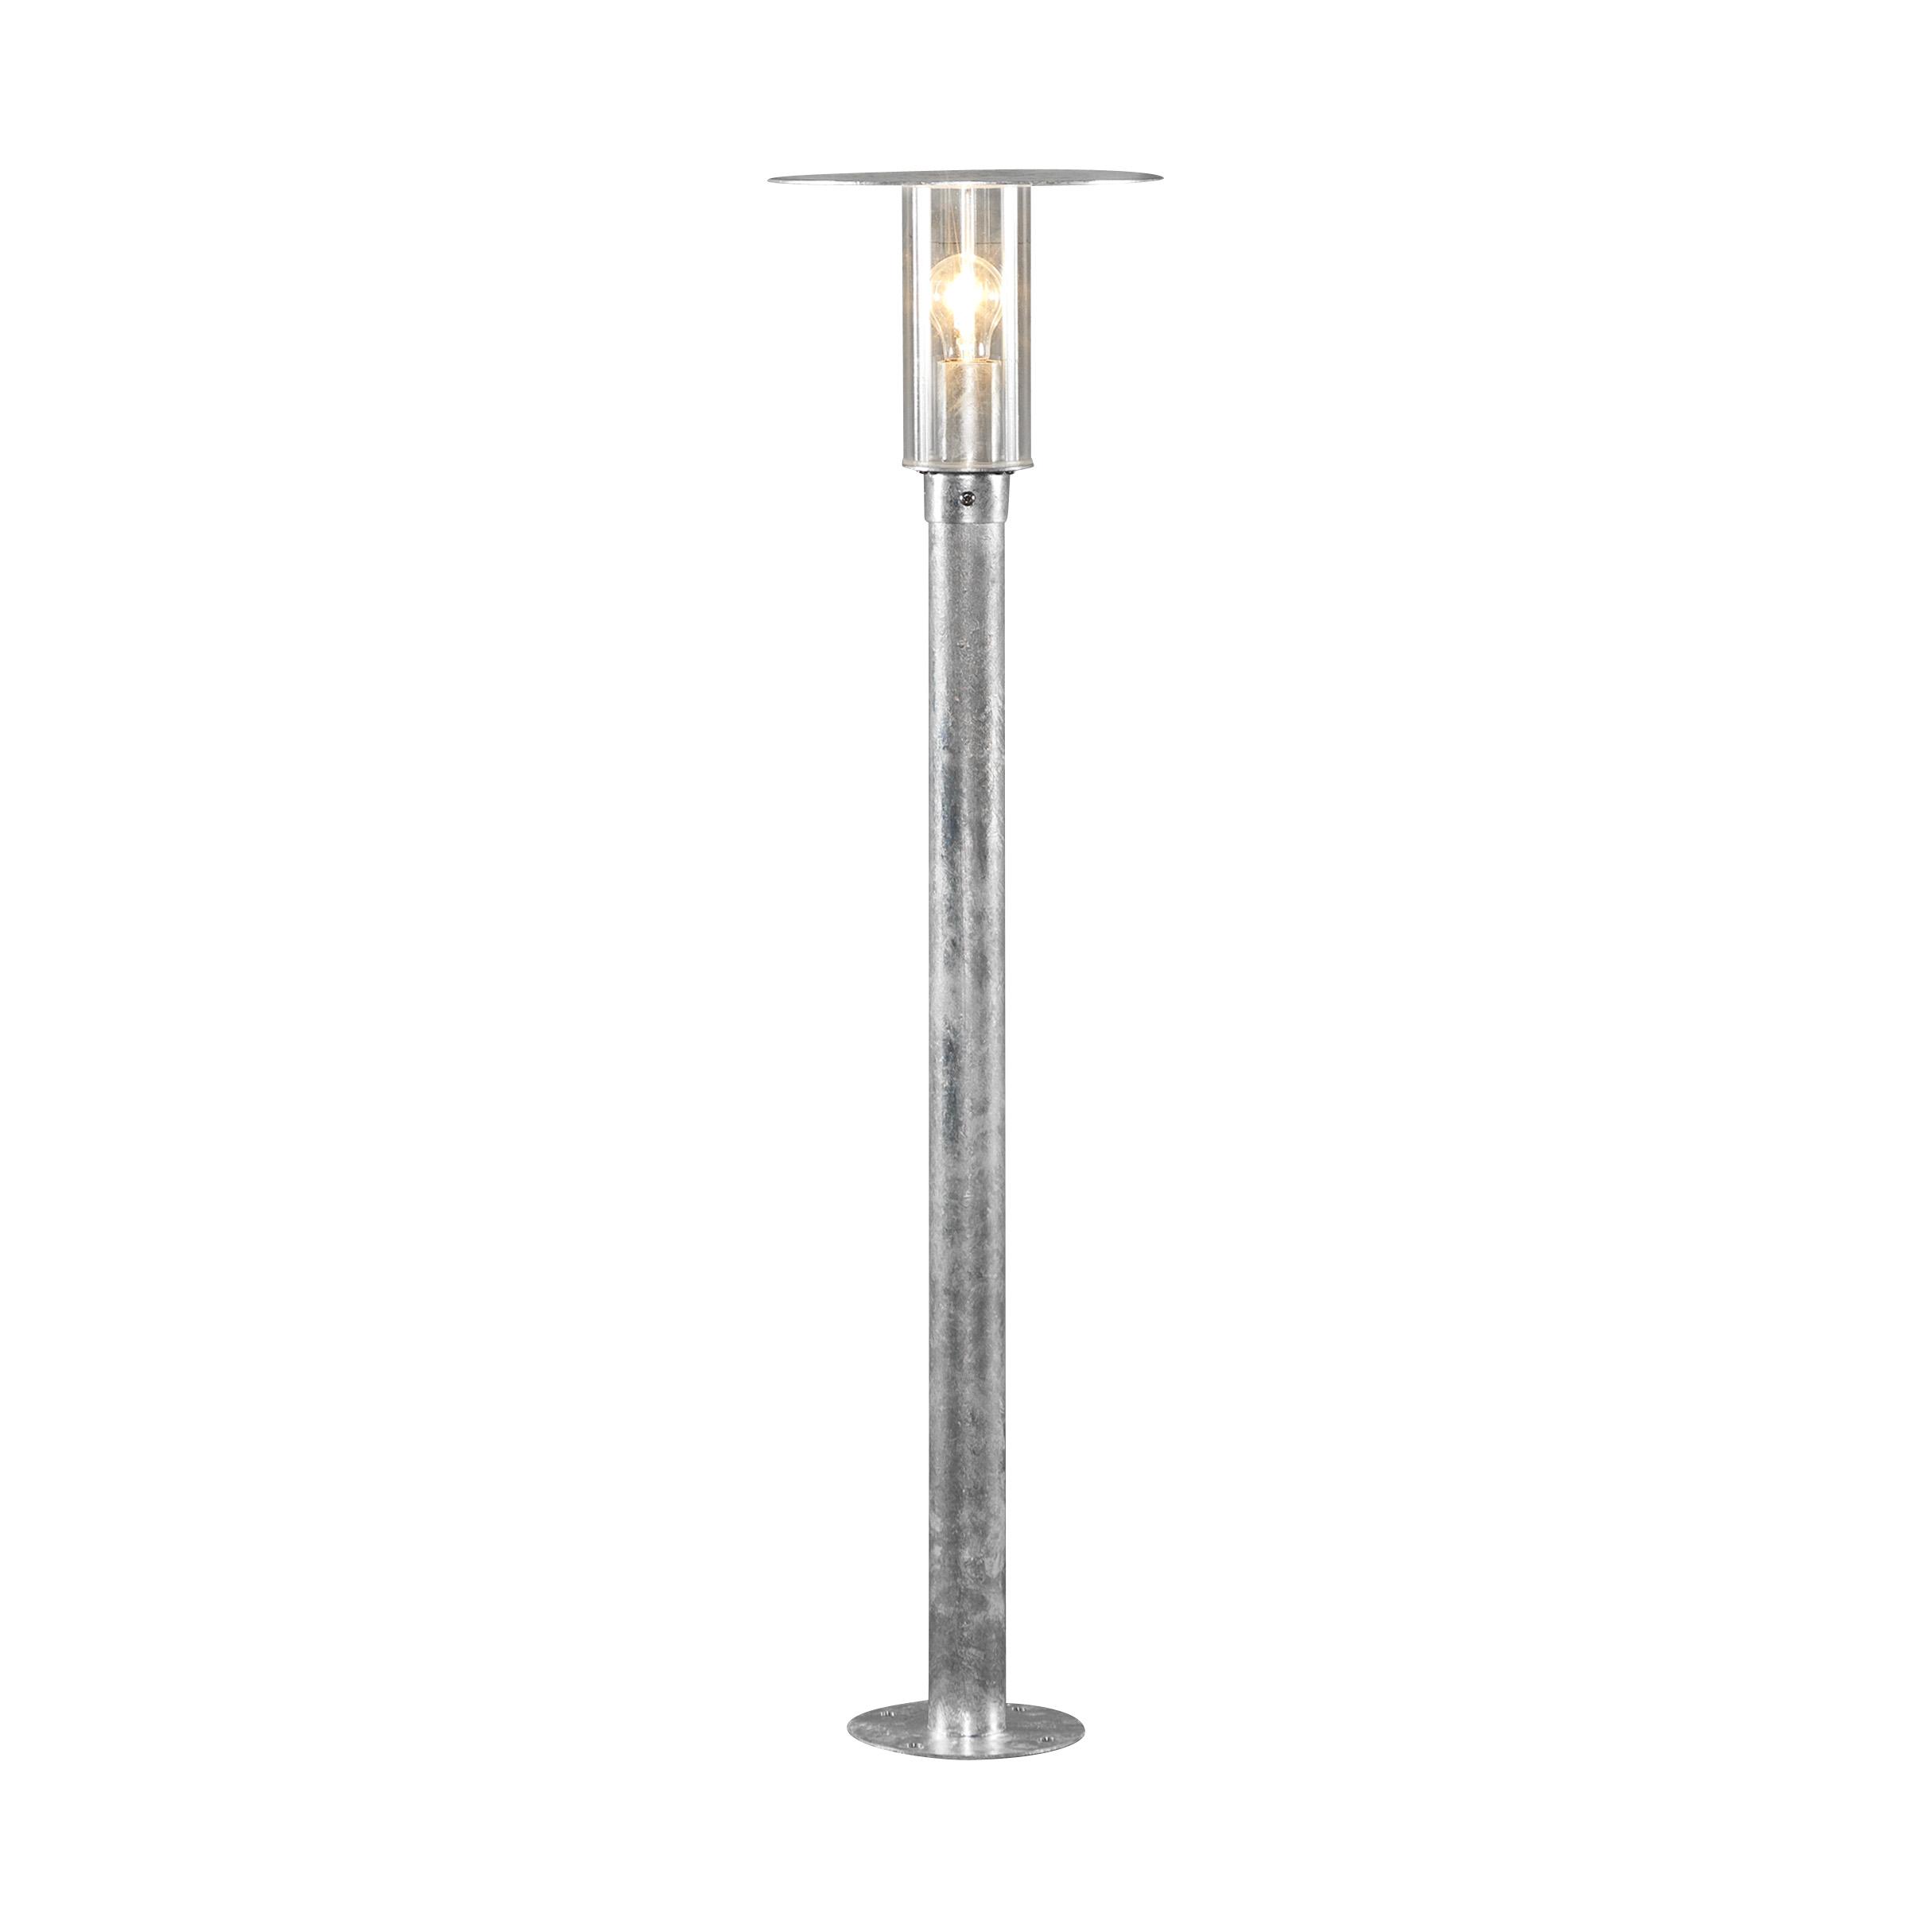 Staande buitenlamp Gloeilamp, Spaarlamp E27 60 W Konstsmide Mode 662-320 Staal